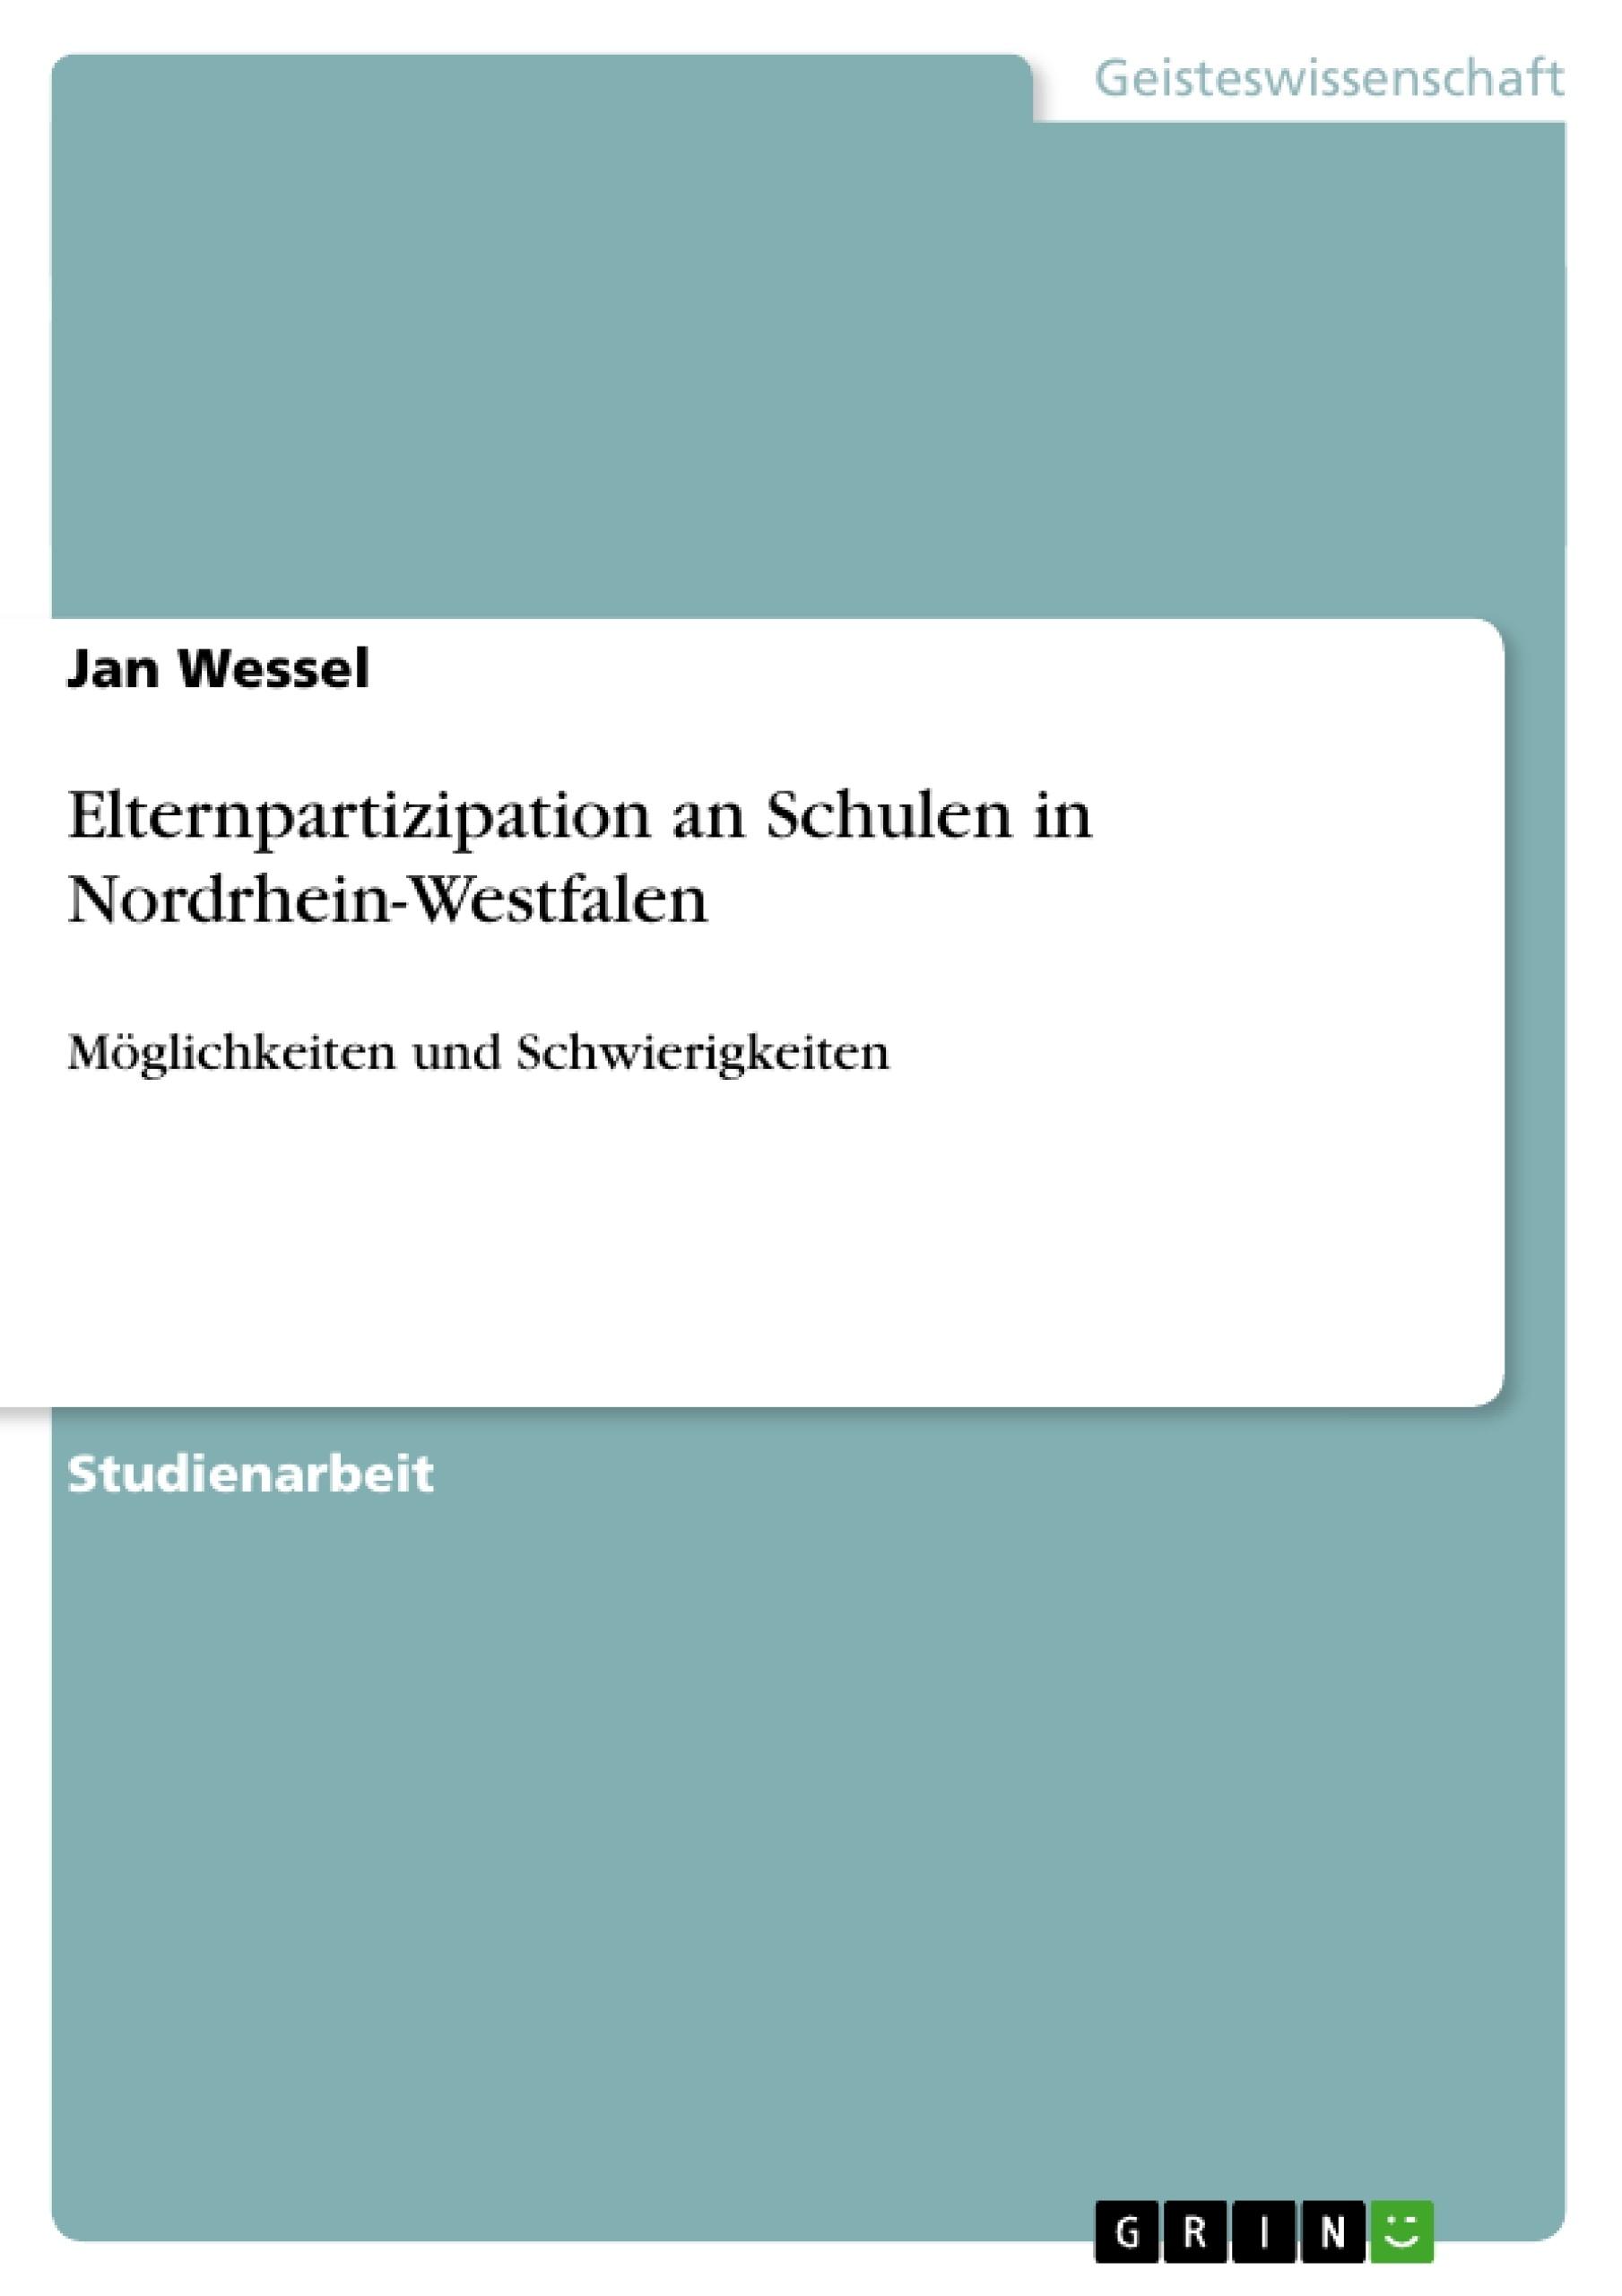 Titel: Elternpartizipation an Schulen in Nordrhein-Westfalen